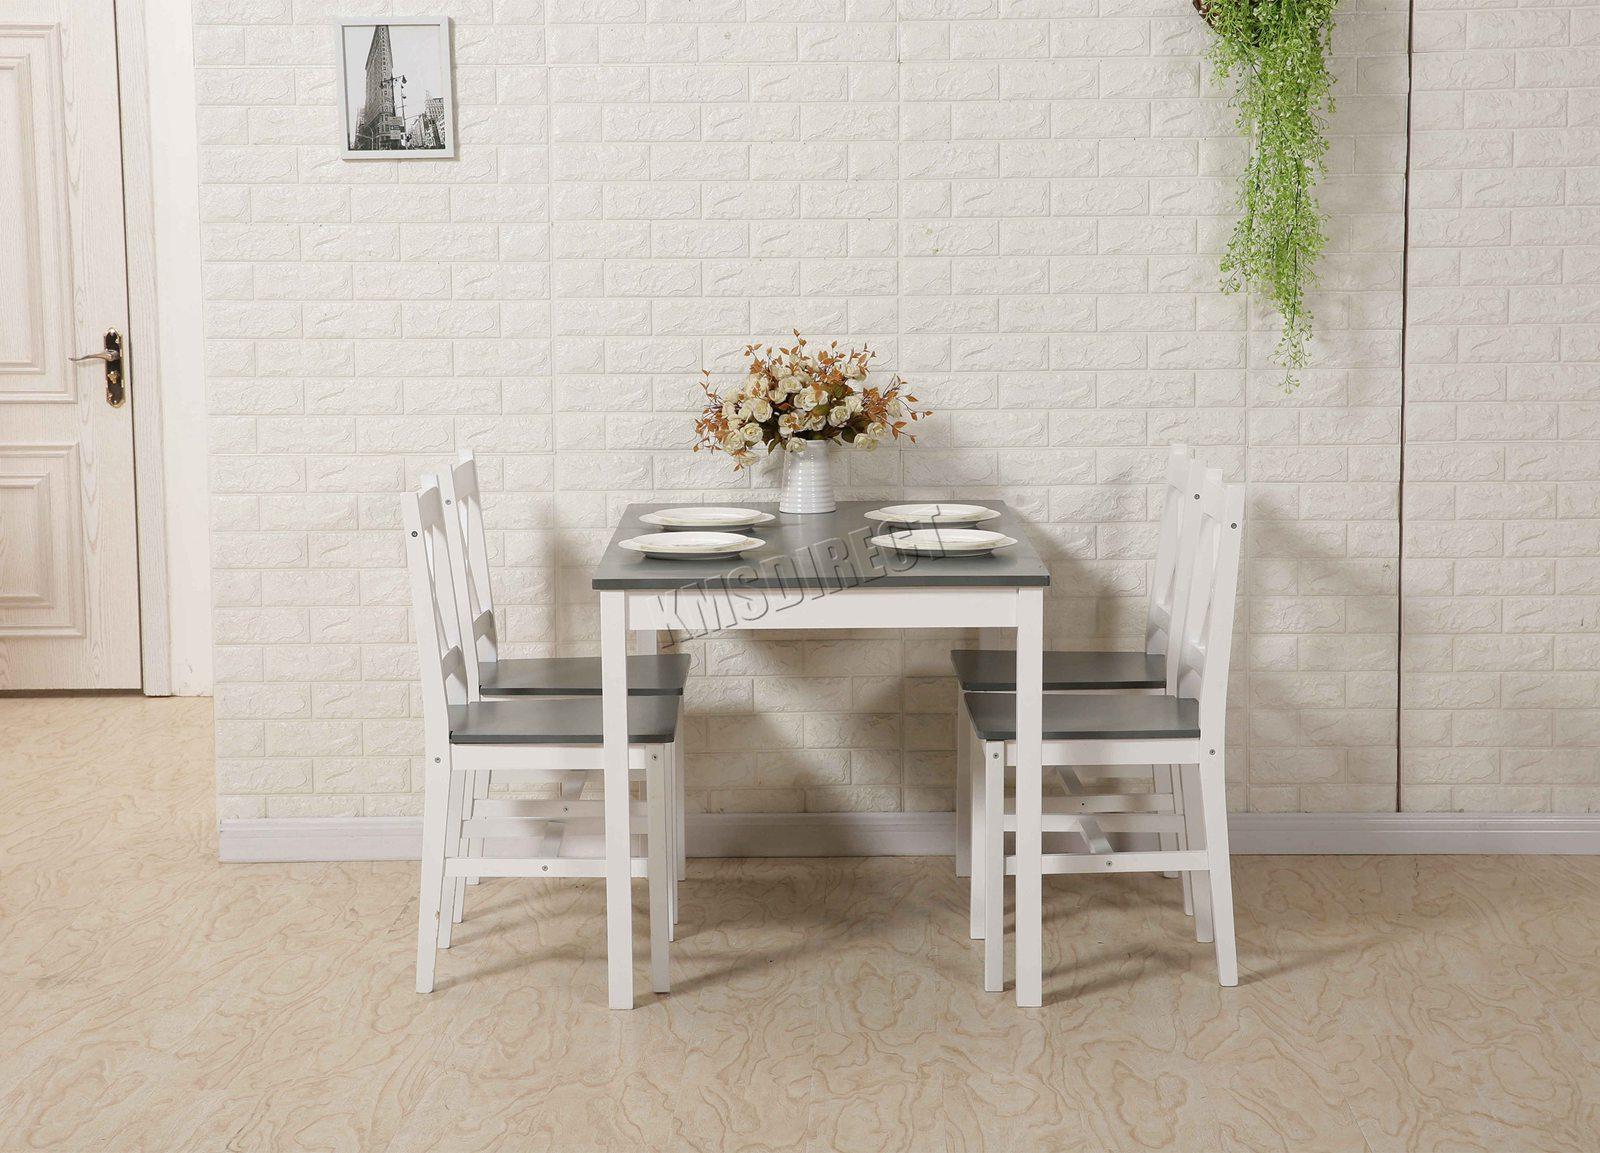 Westwood Comedor Mesa Ds03 Calidad 4 Sillas Cocina Y Detalles Juego Hogar Macizo Madera De K35lJuTcF1